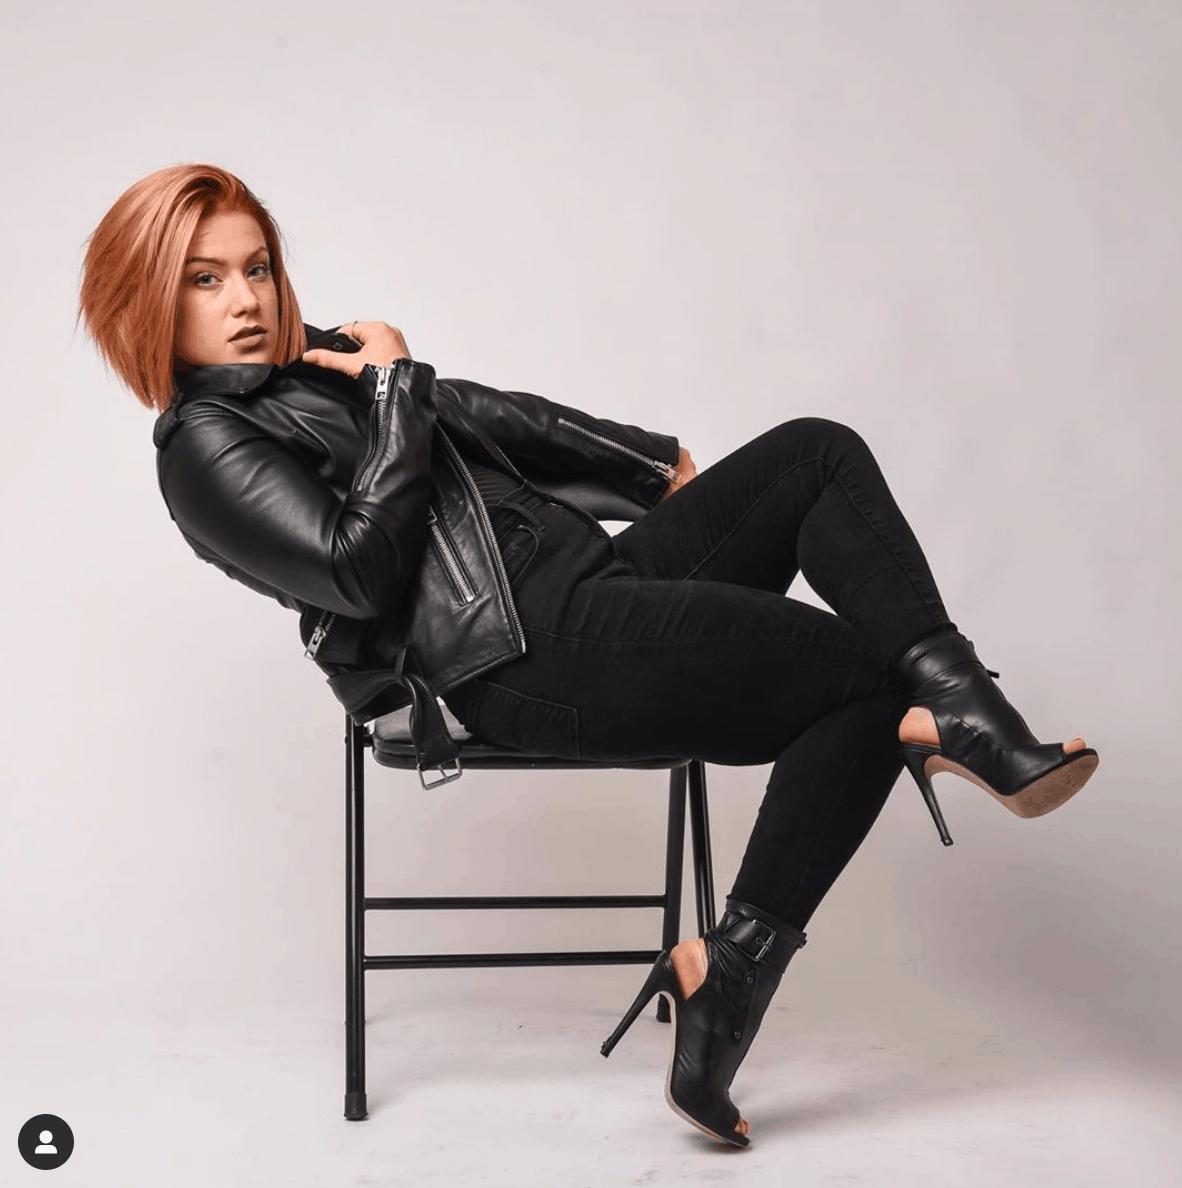 Kiana Smith